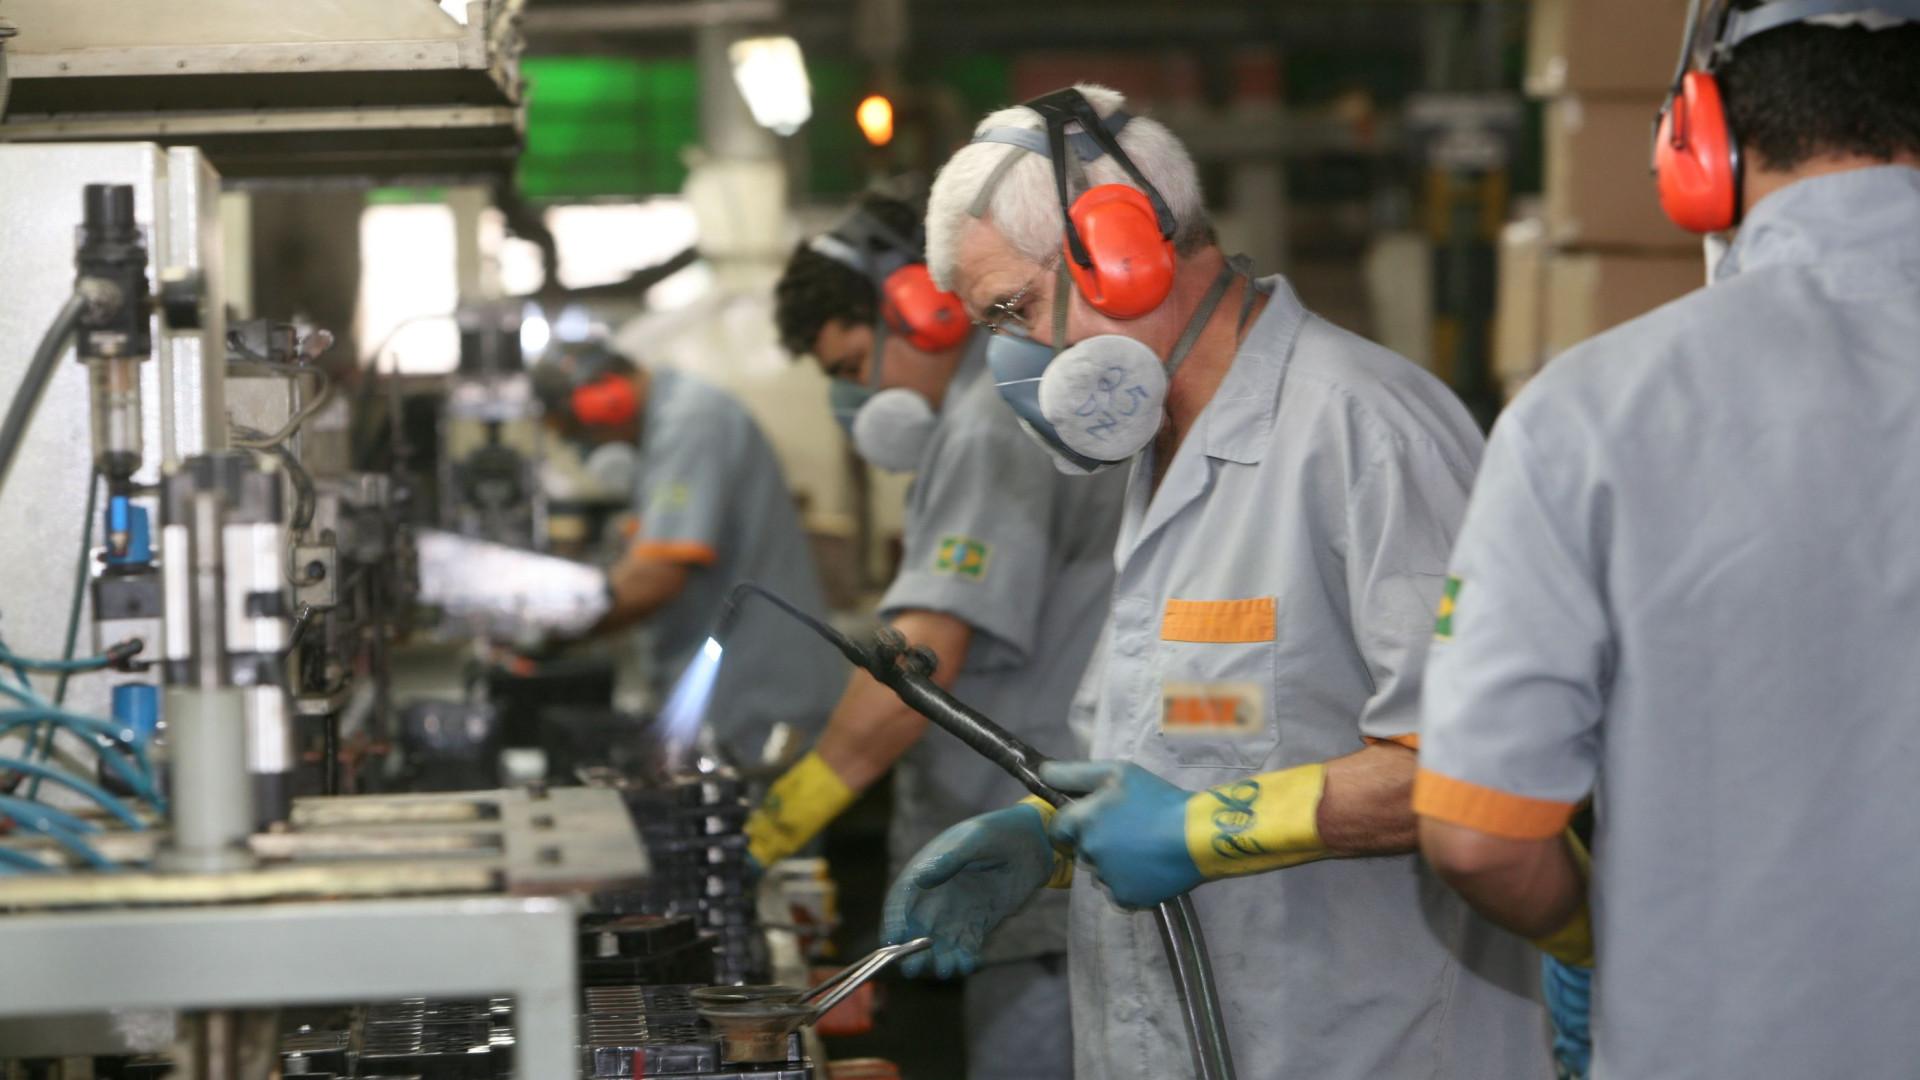 Com 47 casos no Amazonas, fábricas da Zona Franca começam a parar